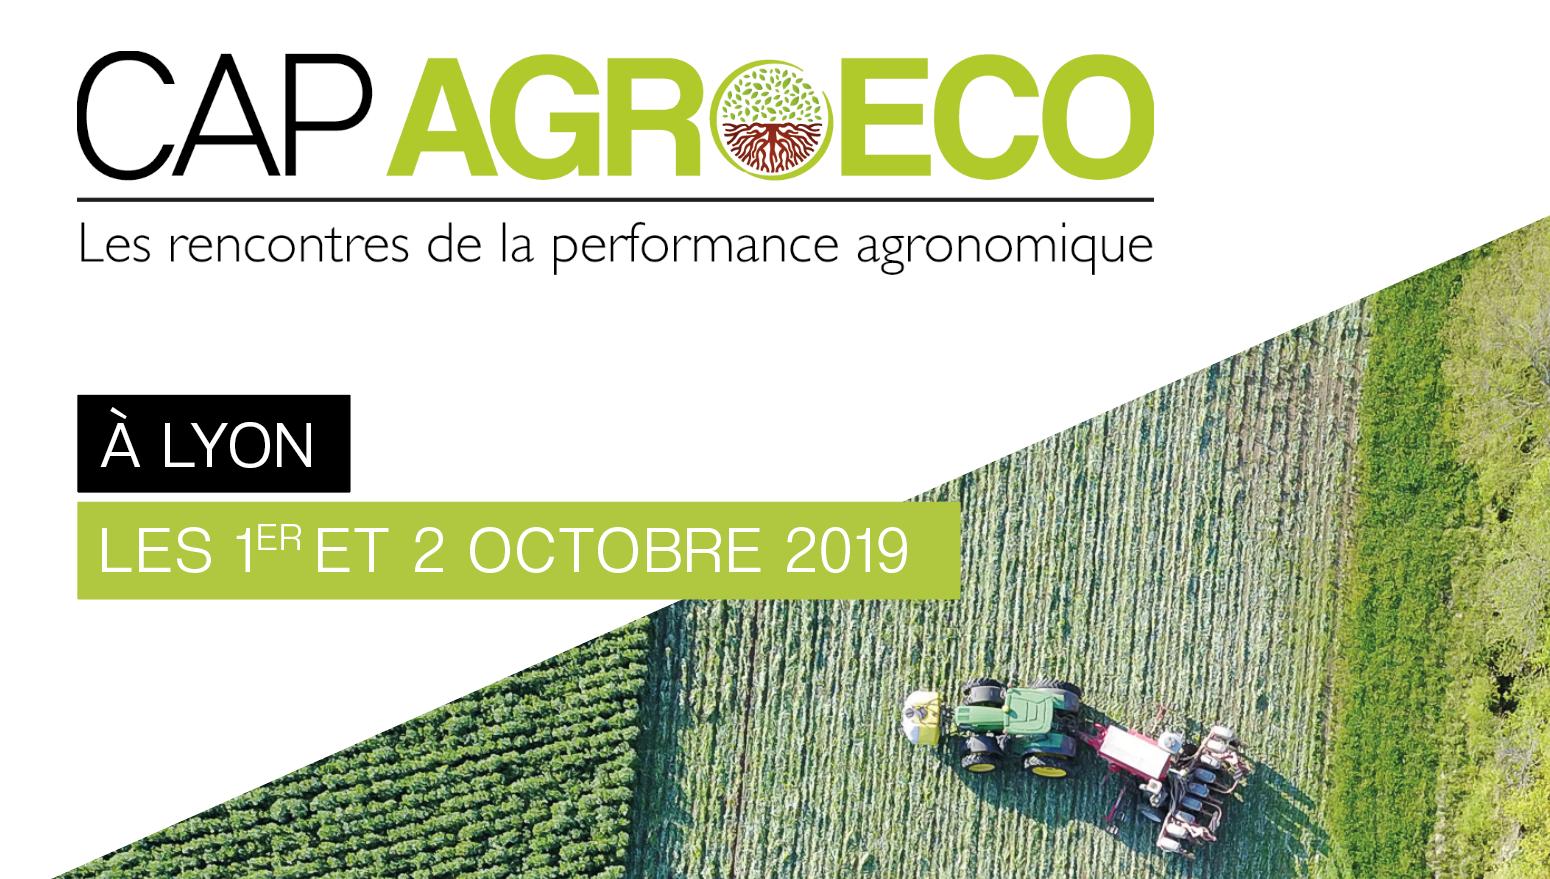 CAP AGROECO, Les Rencontres De La Performance Agronomique à Lyon Les 1er 2 Octobre 2019